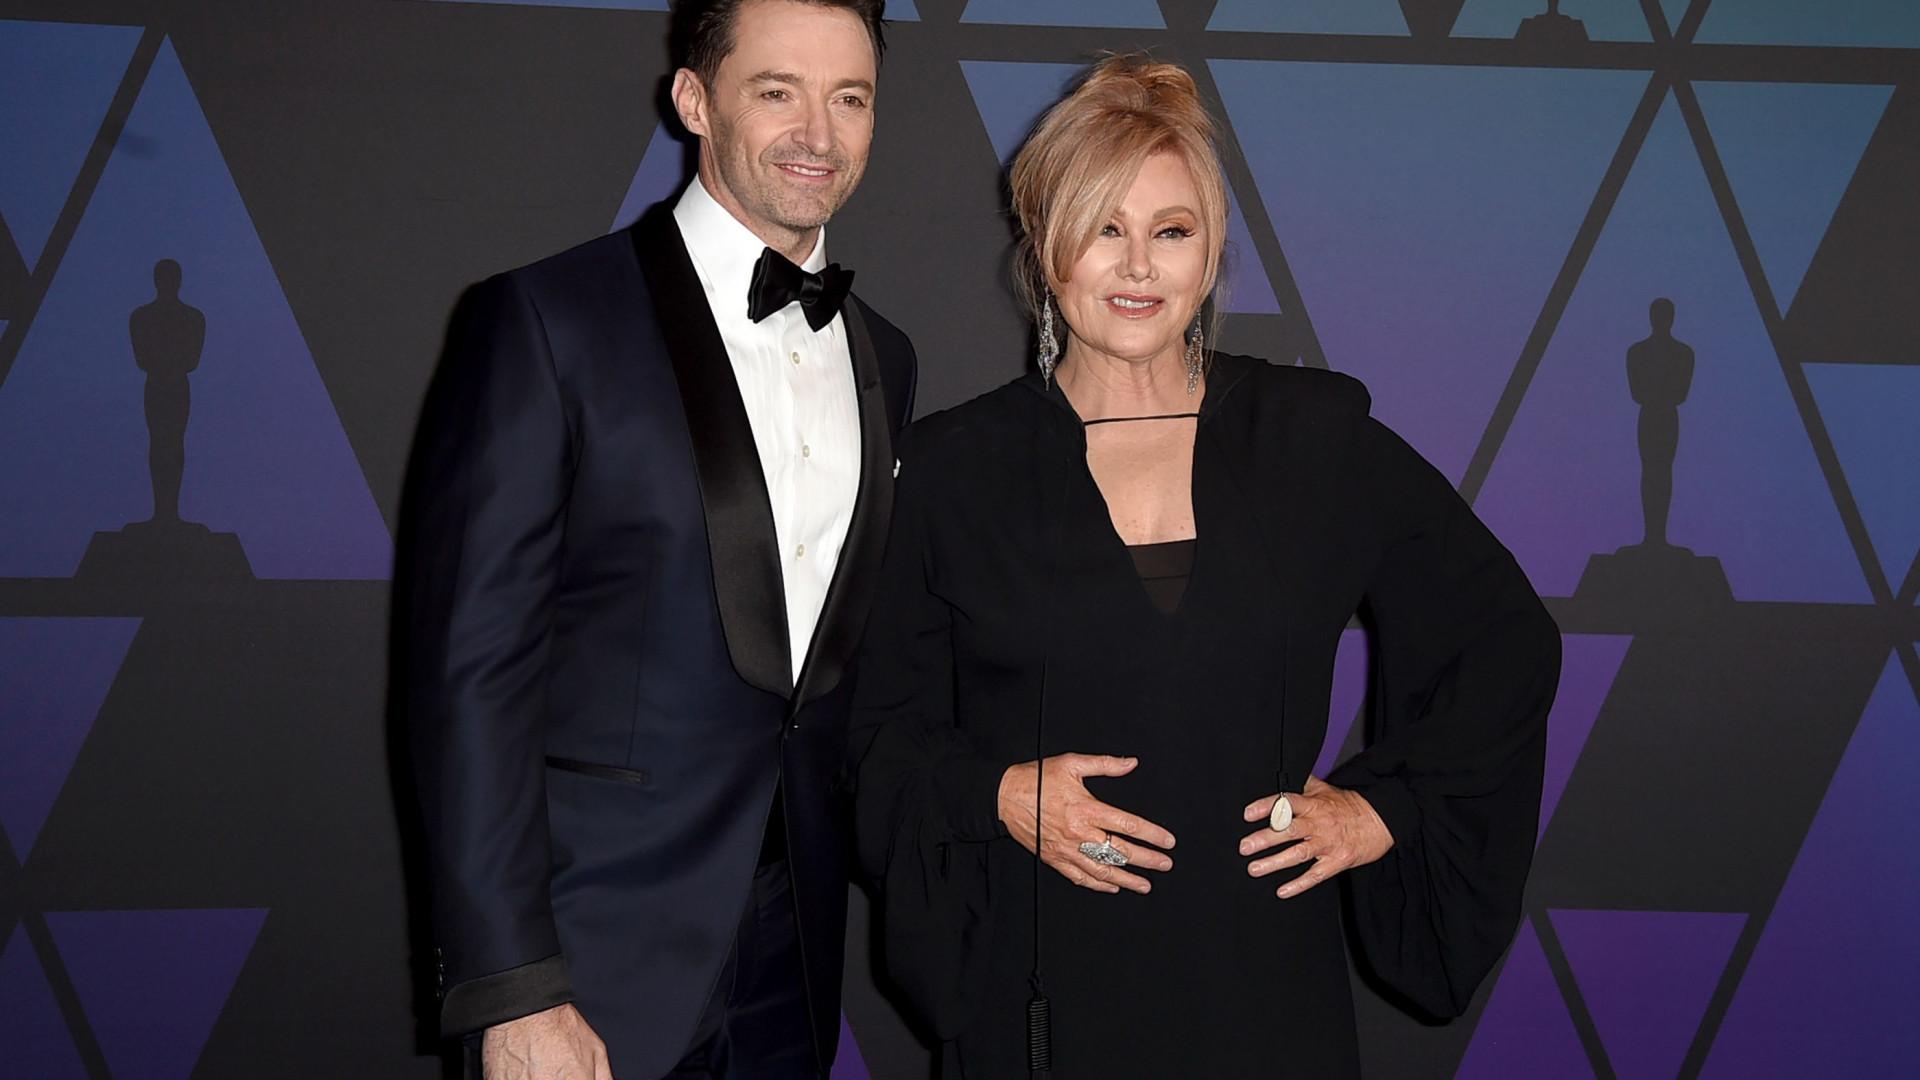 Casado há 22 anos, Hugh Jackman se declara à mulher em evento